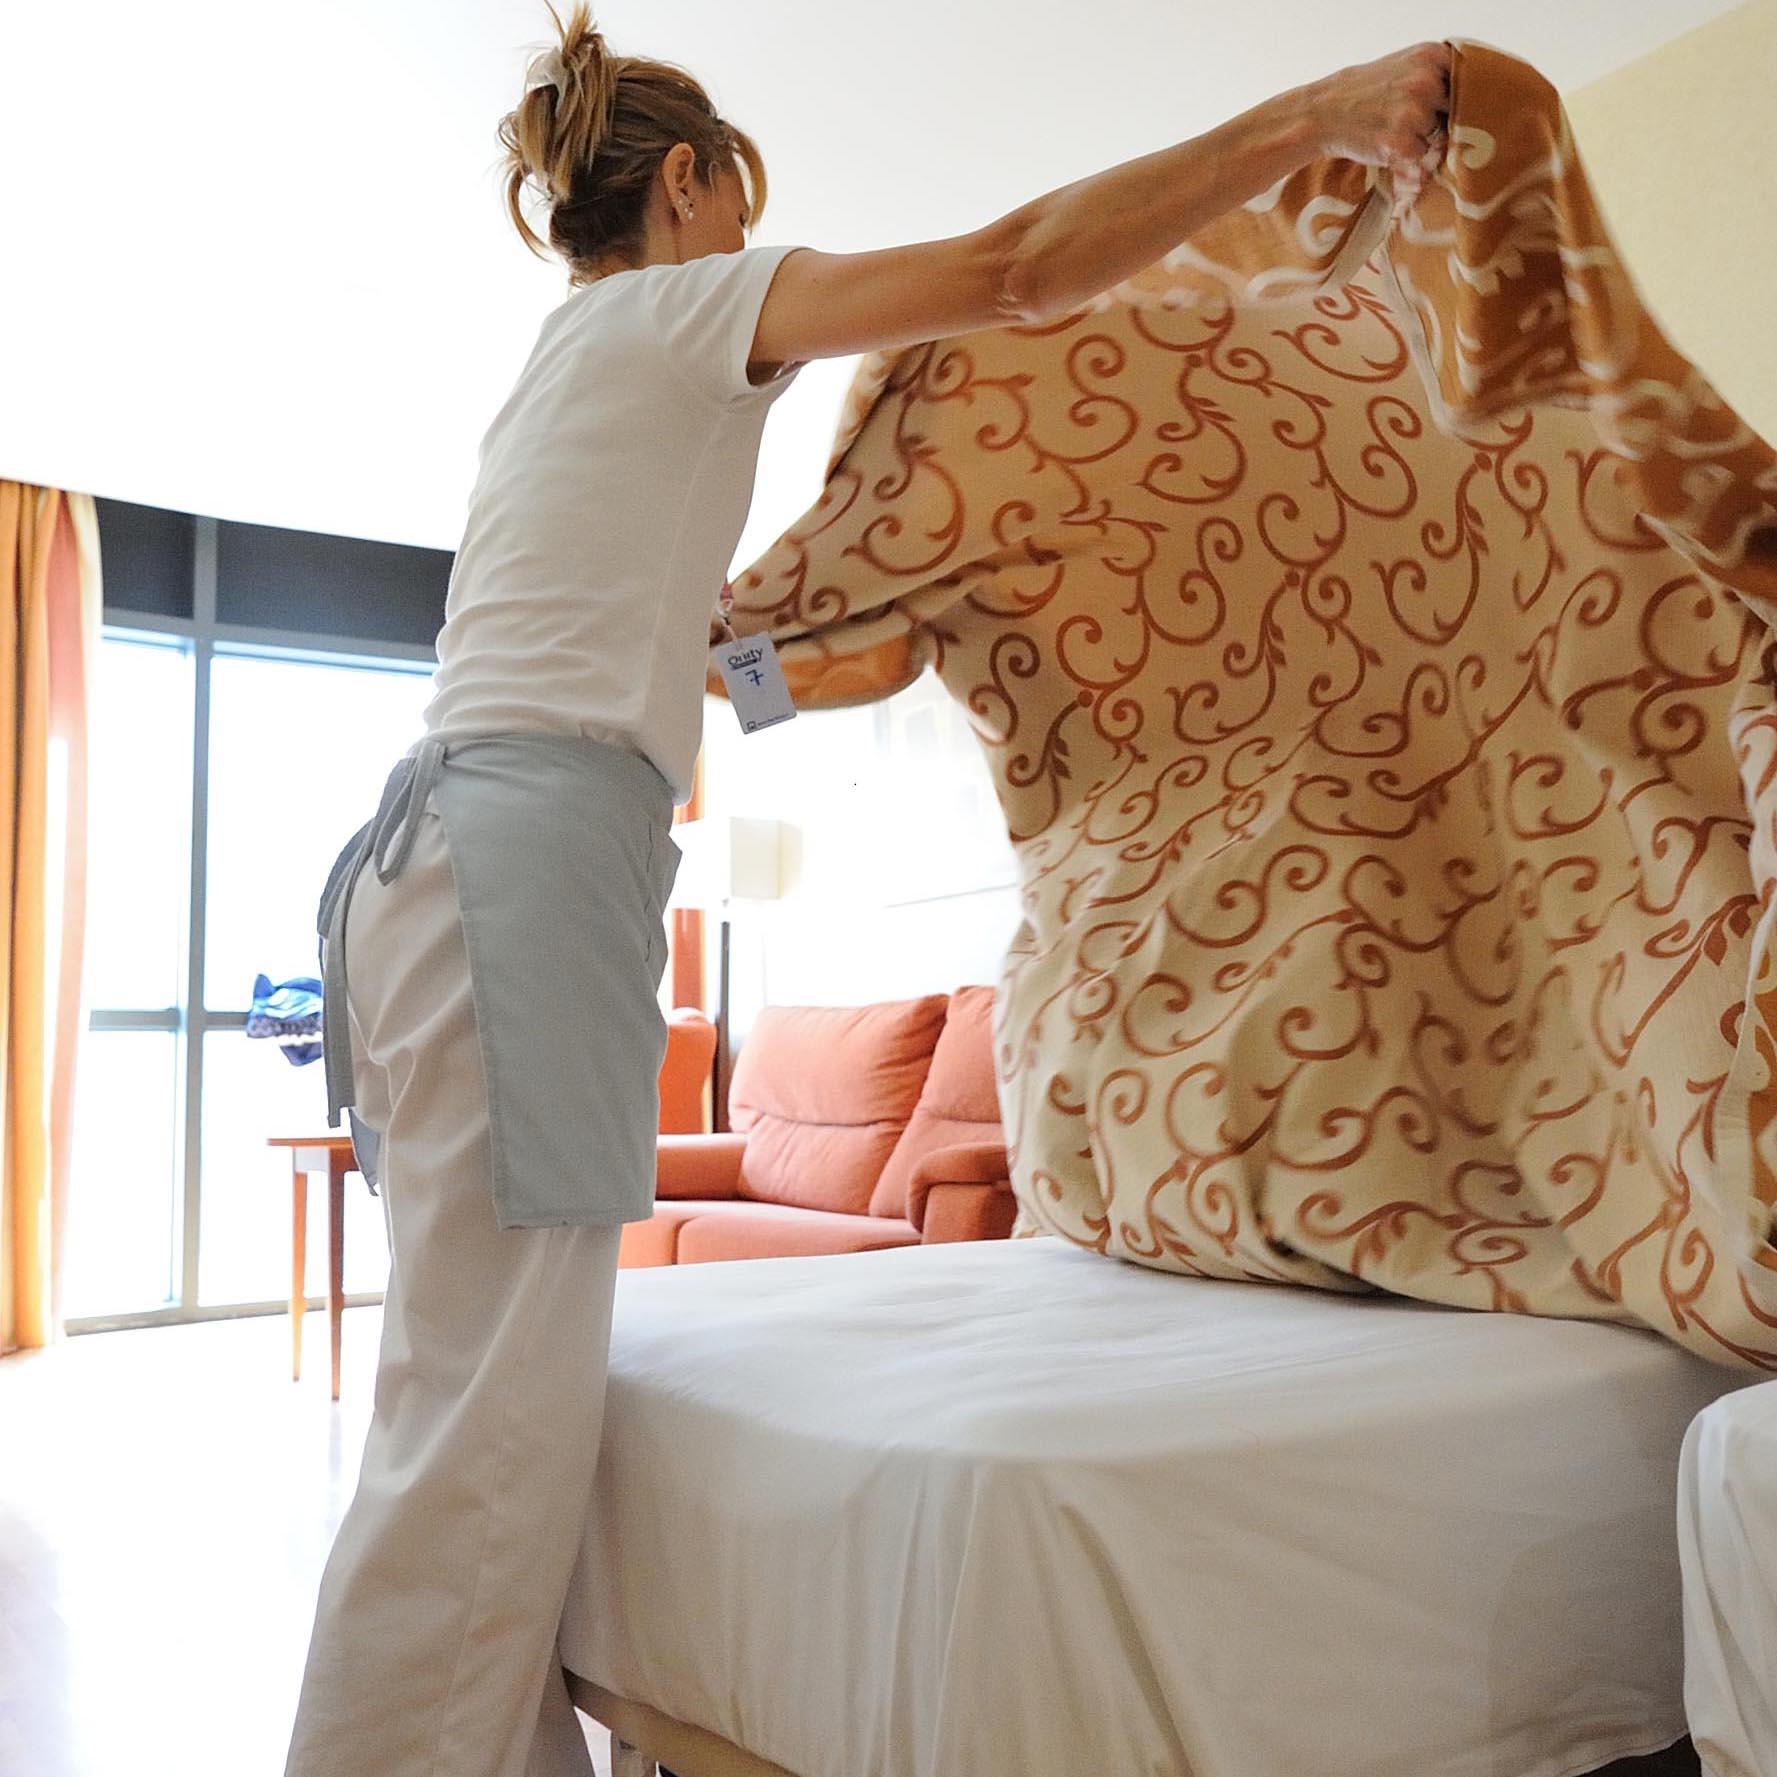 empresa de limpieza de hoteles